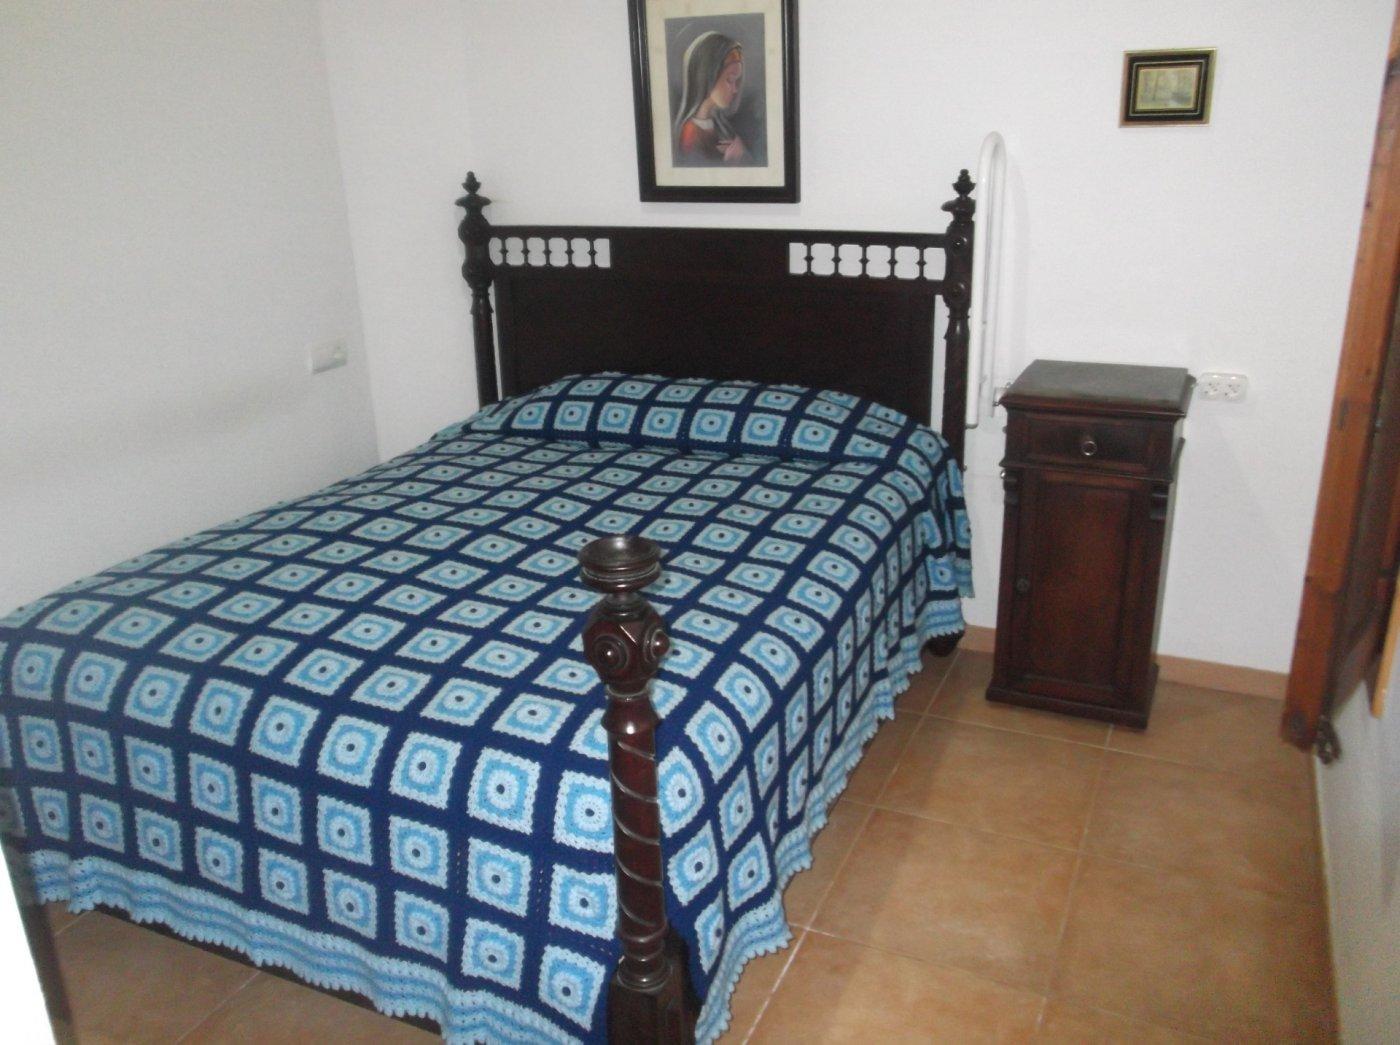 En venta casa de pueblo reformada 3 alturas estilo mallorquin centro llucmajor - imagenInmueble20